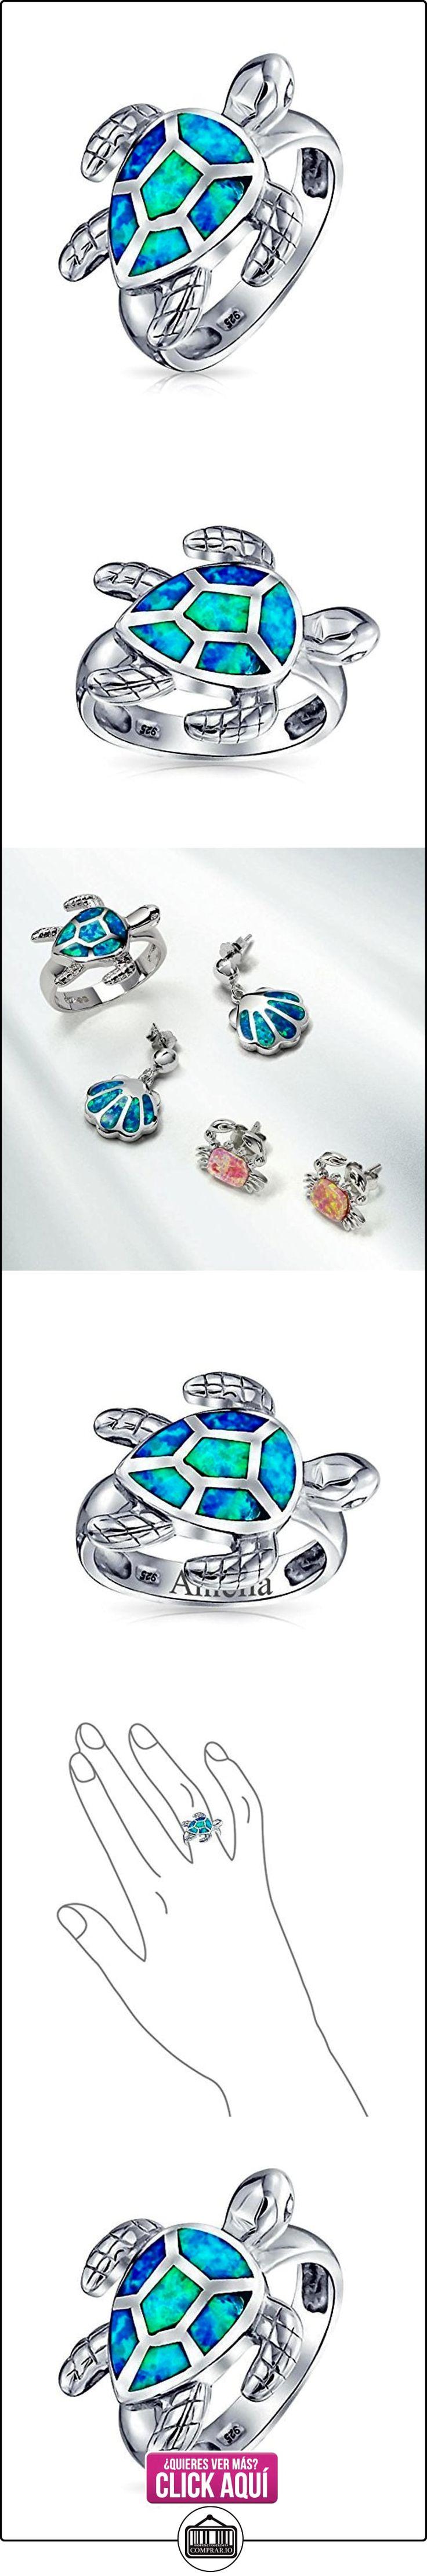 Bling Jewelry Plata Esterlina milla náutica Etampado Azul Ópalo Anillo Tortuga Marina  ✿ Joyas para mujer - Las mejores ofertas ✿ ▬► Ver oferta: https://comprar.io/goto/B00ISYOX44